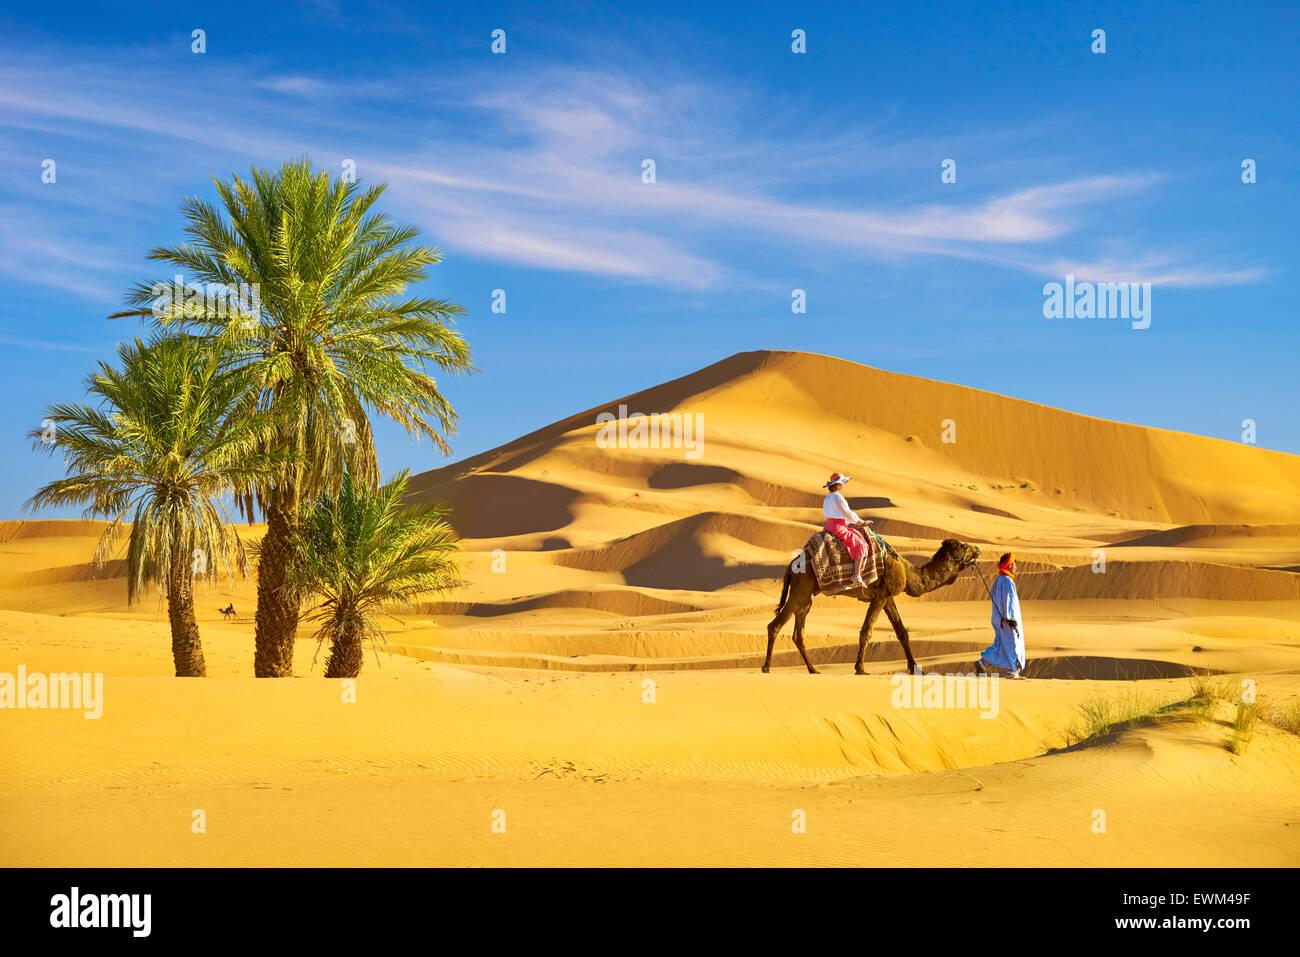 Turista de paseo en camello, Erg Chebbi : desierto cerca de Merzouga, Sahara, Marruecos Imagen De Stock